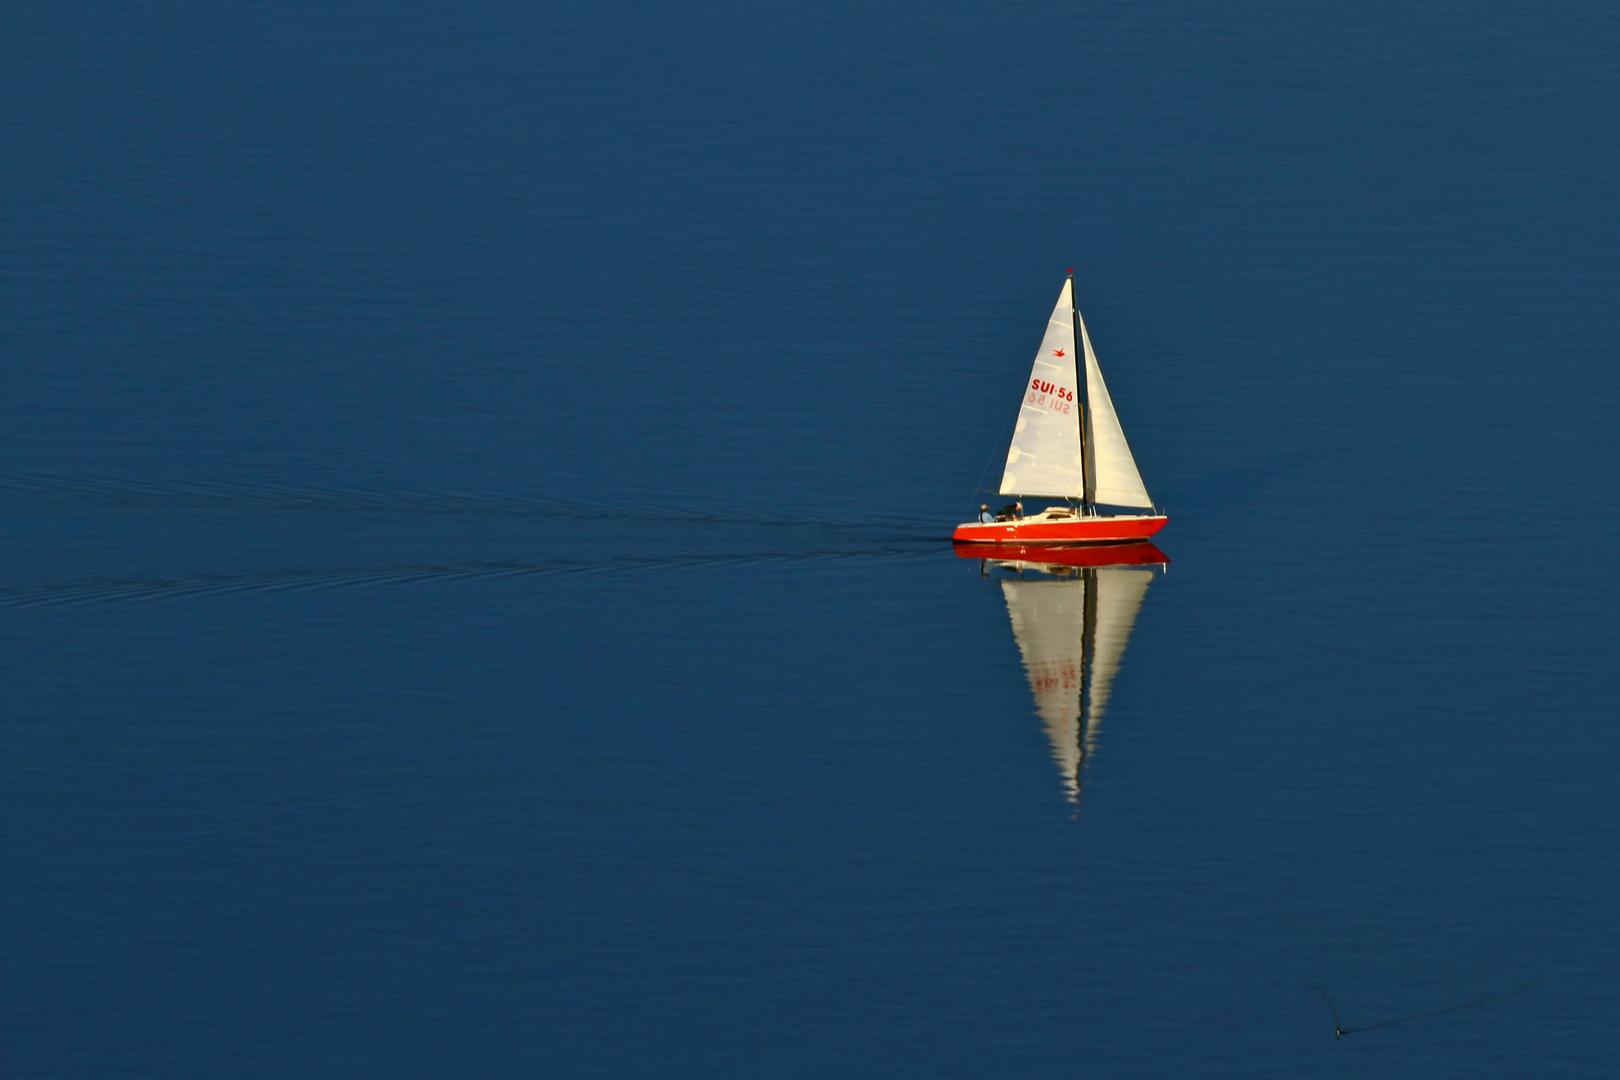 Ein Schöner Tag auf See, fast ohne Wind.